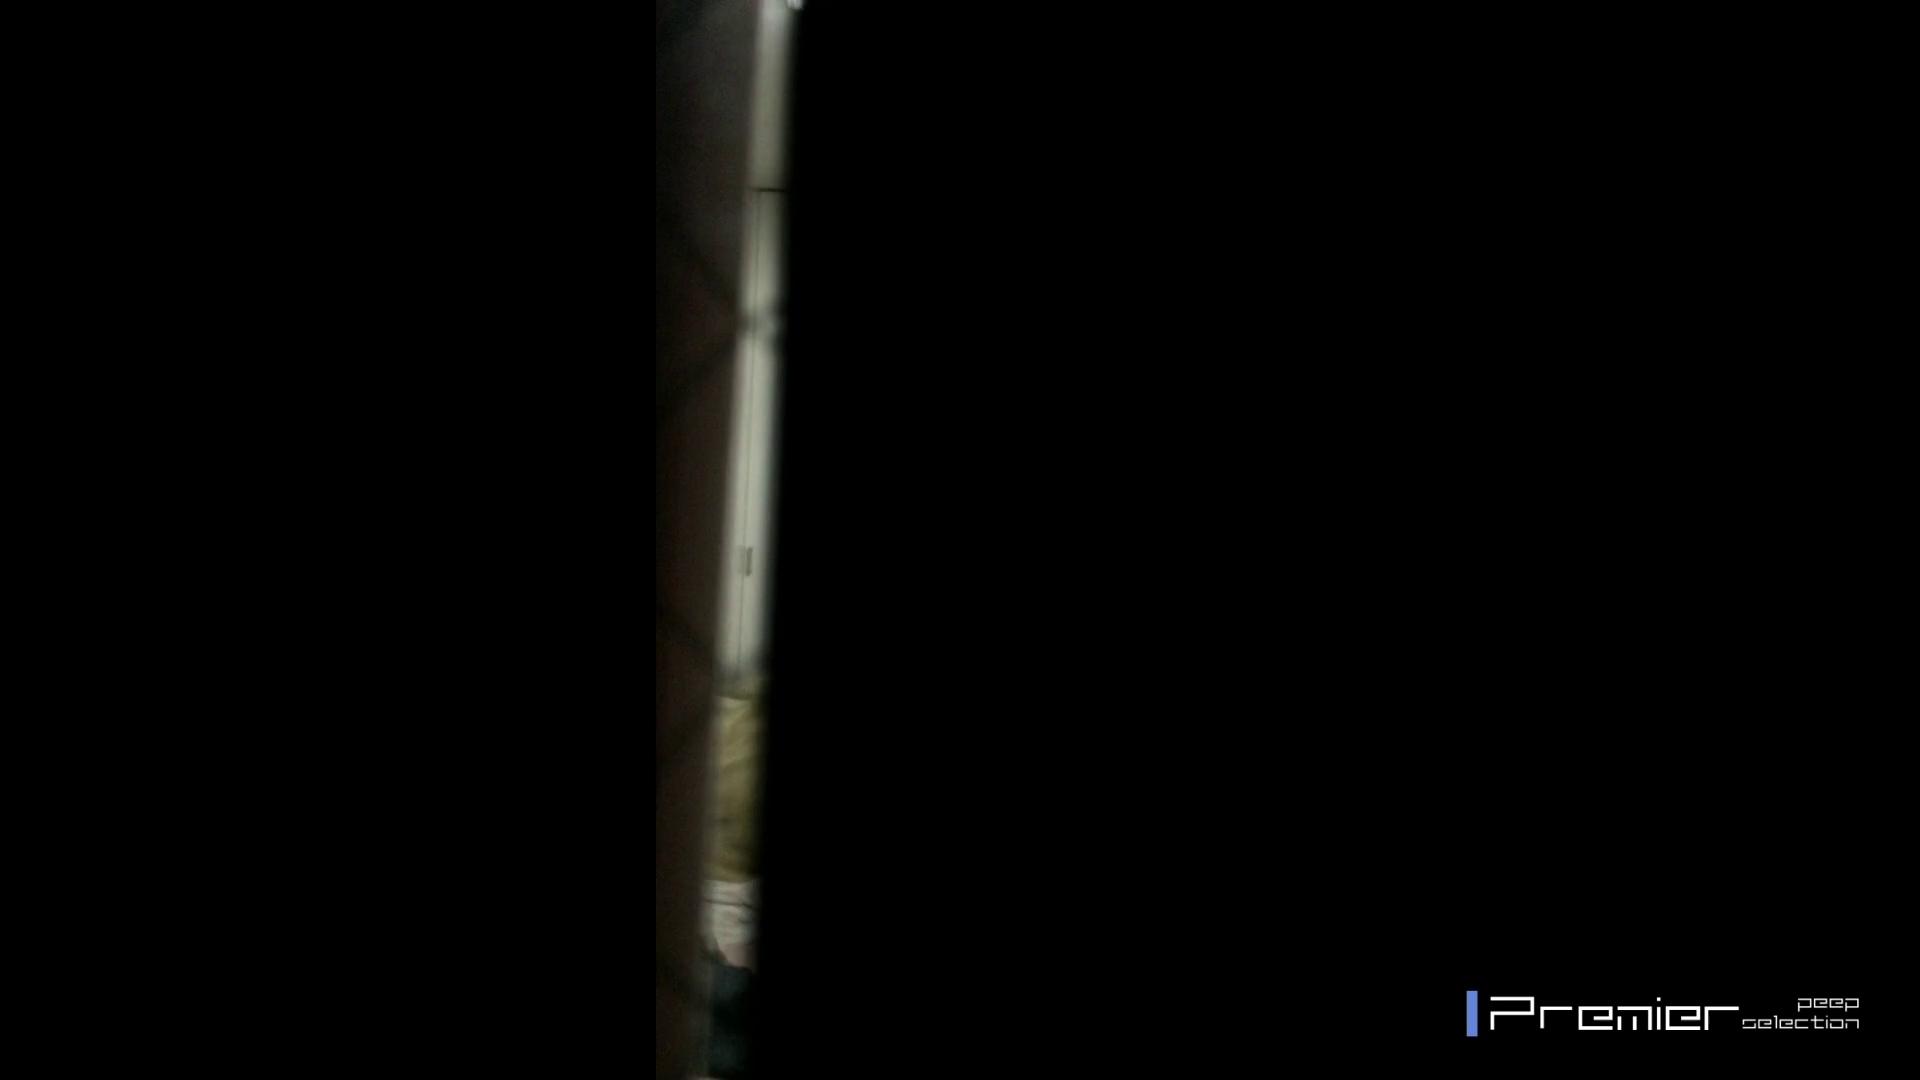 マニア必見!ポチャ達のカーニバル美女達の私生活に潜入! エロくん潜入 スケベ動画紹介 96連発 95